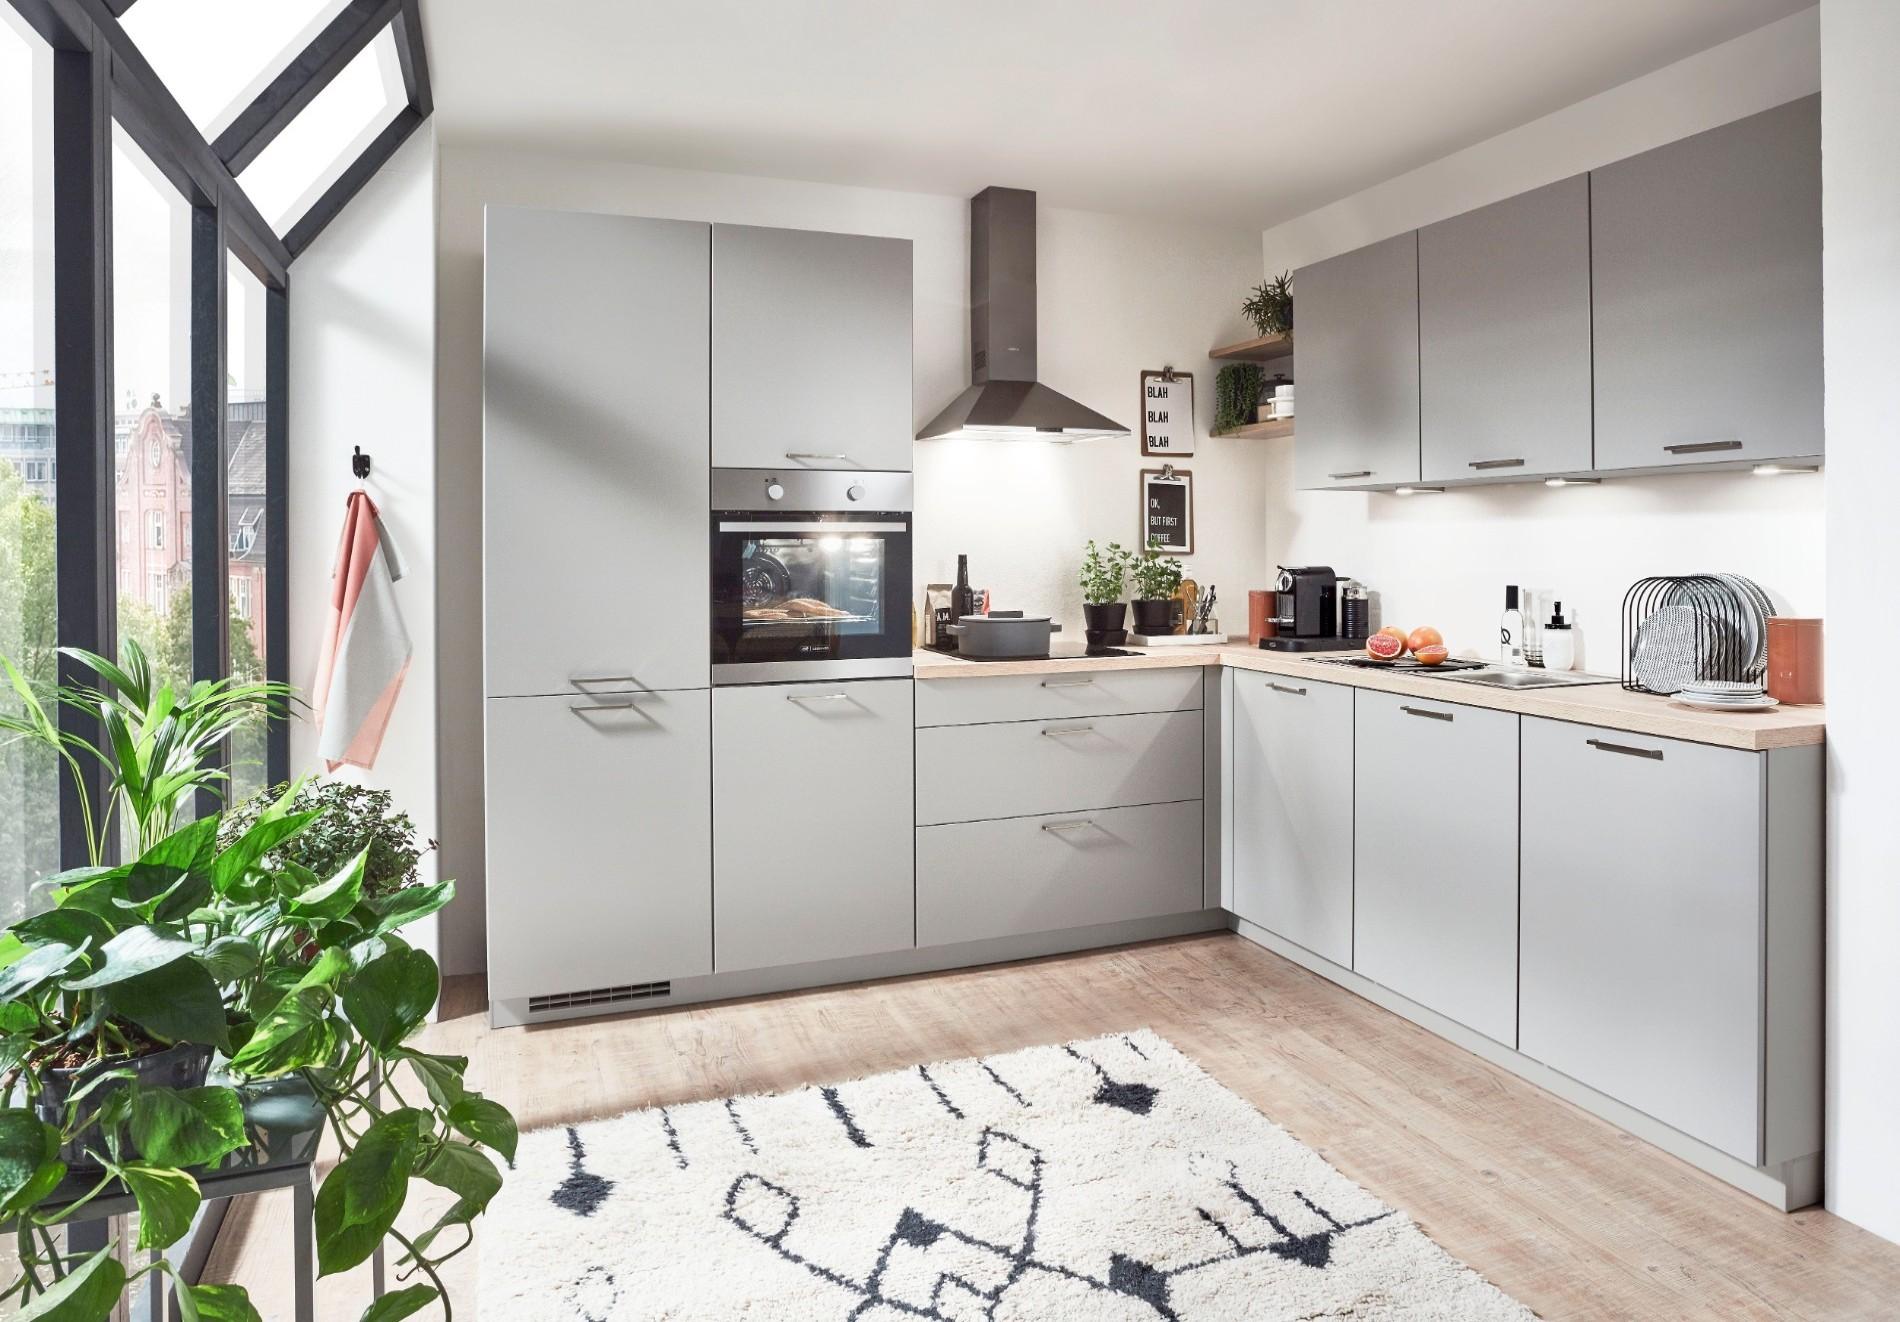 moderne grijze keuken